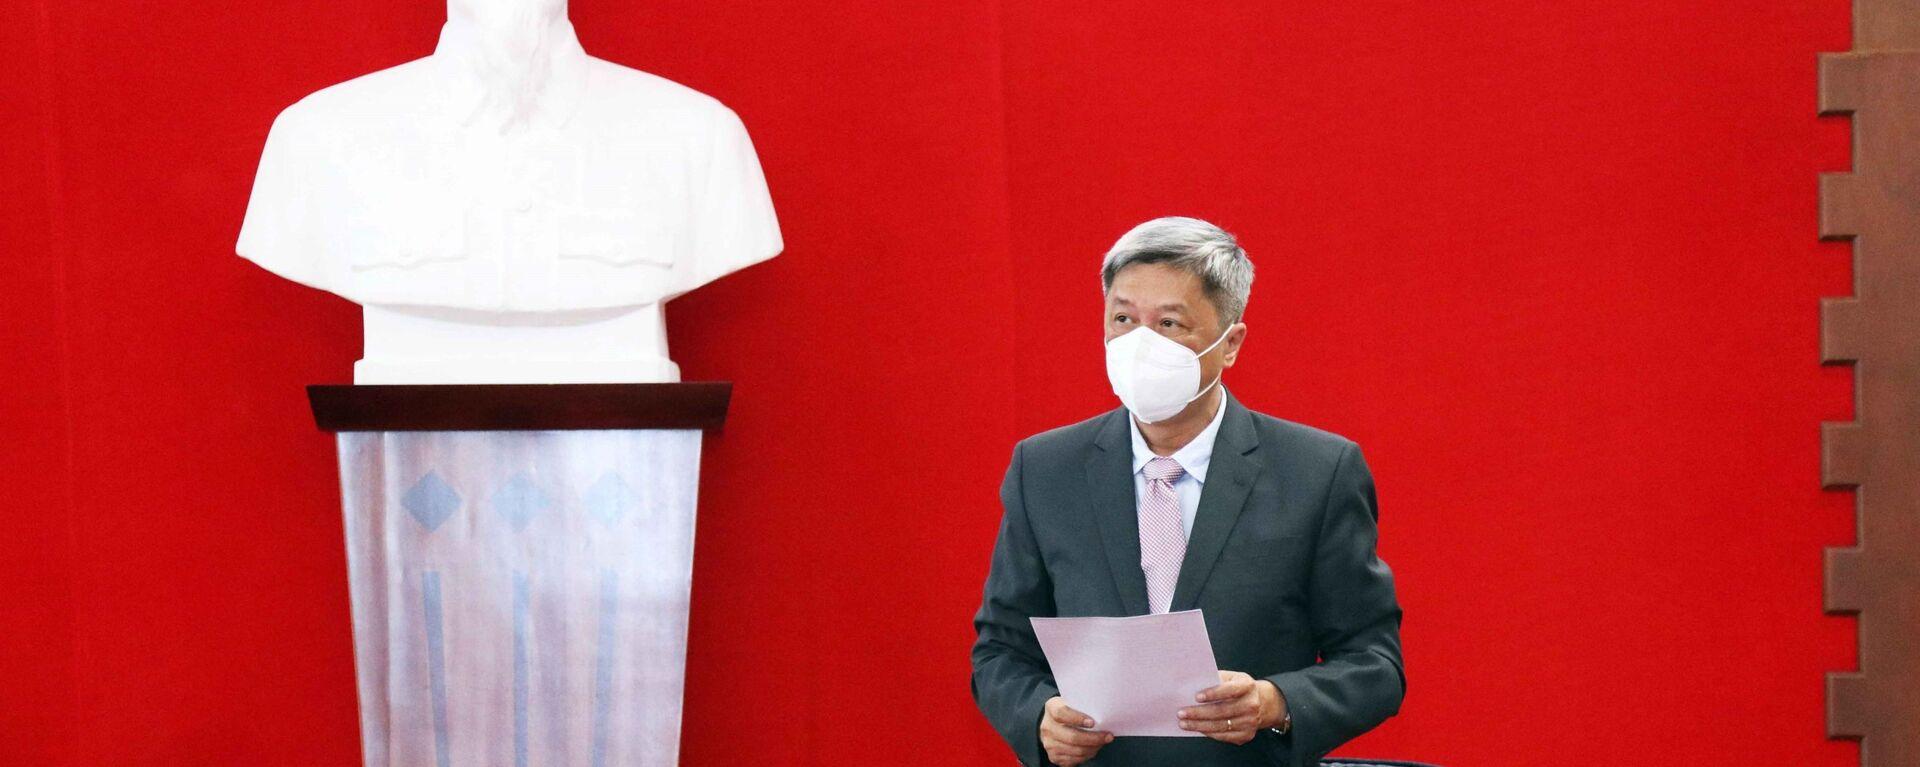 Ông Nguyễn Trường Sơn, Thứ trưởng Bộ Y tế phát biểu tại buổi lễ tiếp nhận số thiết bị, vật tư y tế do Chính phủ Ba Lan tặng Việt Nam - Sputnik Việt Nam, 1920, 27.09.2021